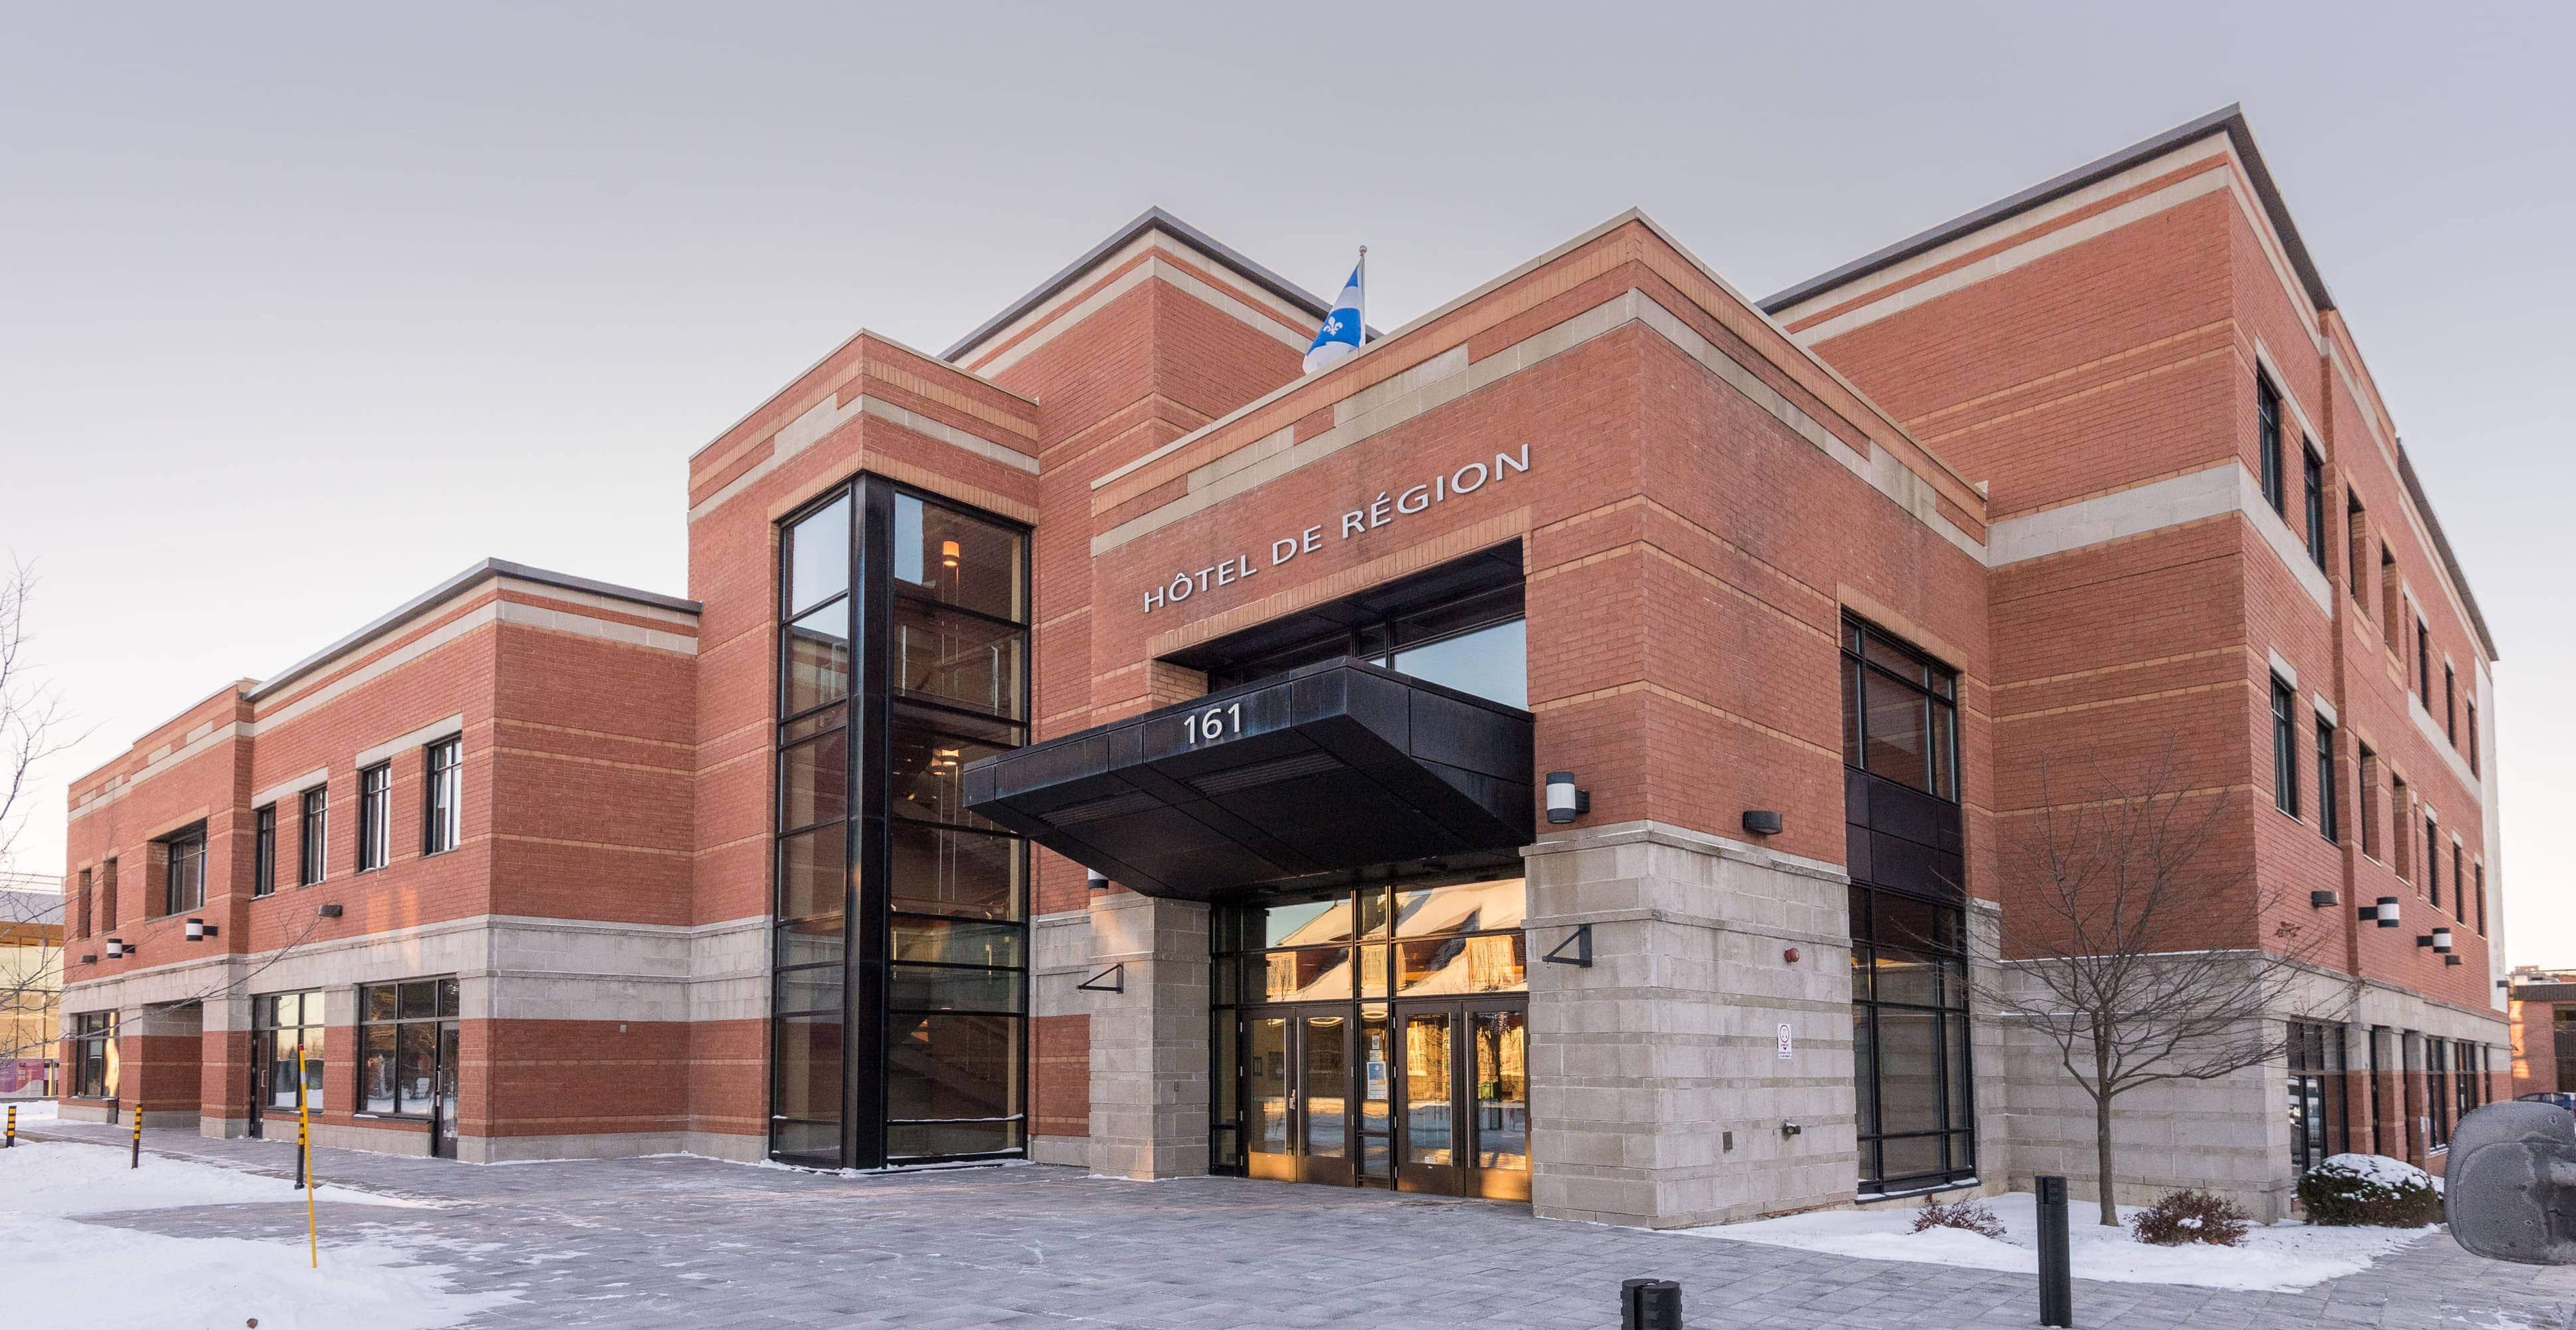 Une affiche à changer et Saint-Jérôme aura un nouvel hôtel de ville. Les assemblées du conseil municipal y ont déjà lieu depuis quelques années.